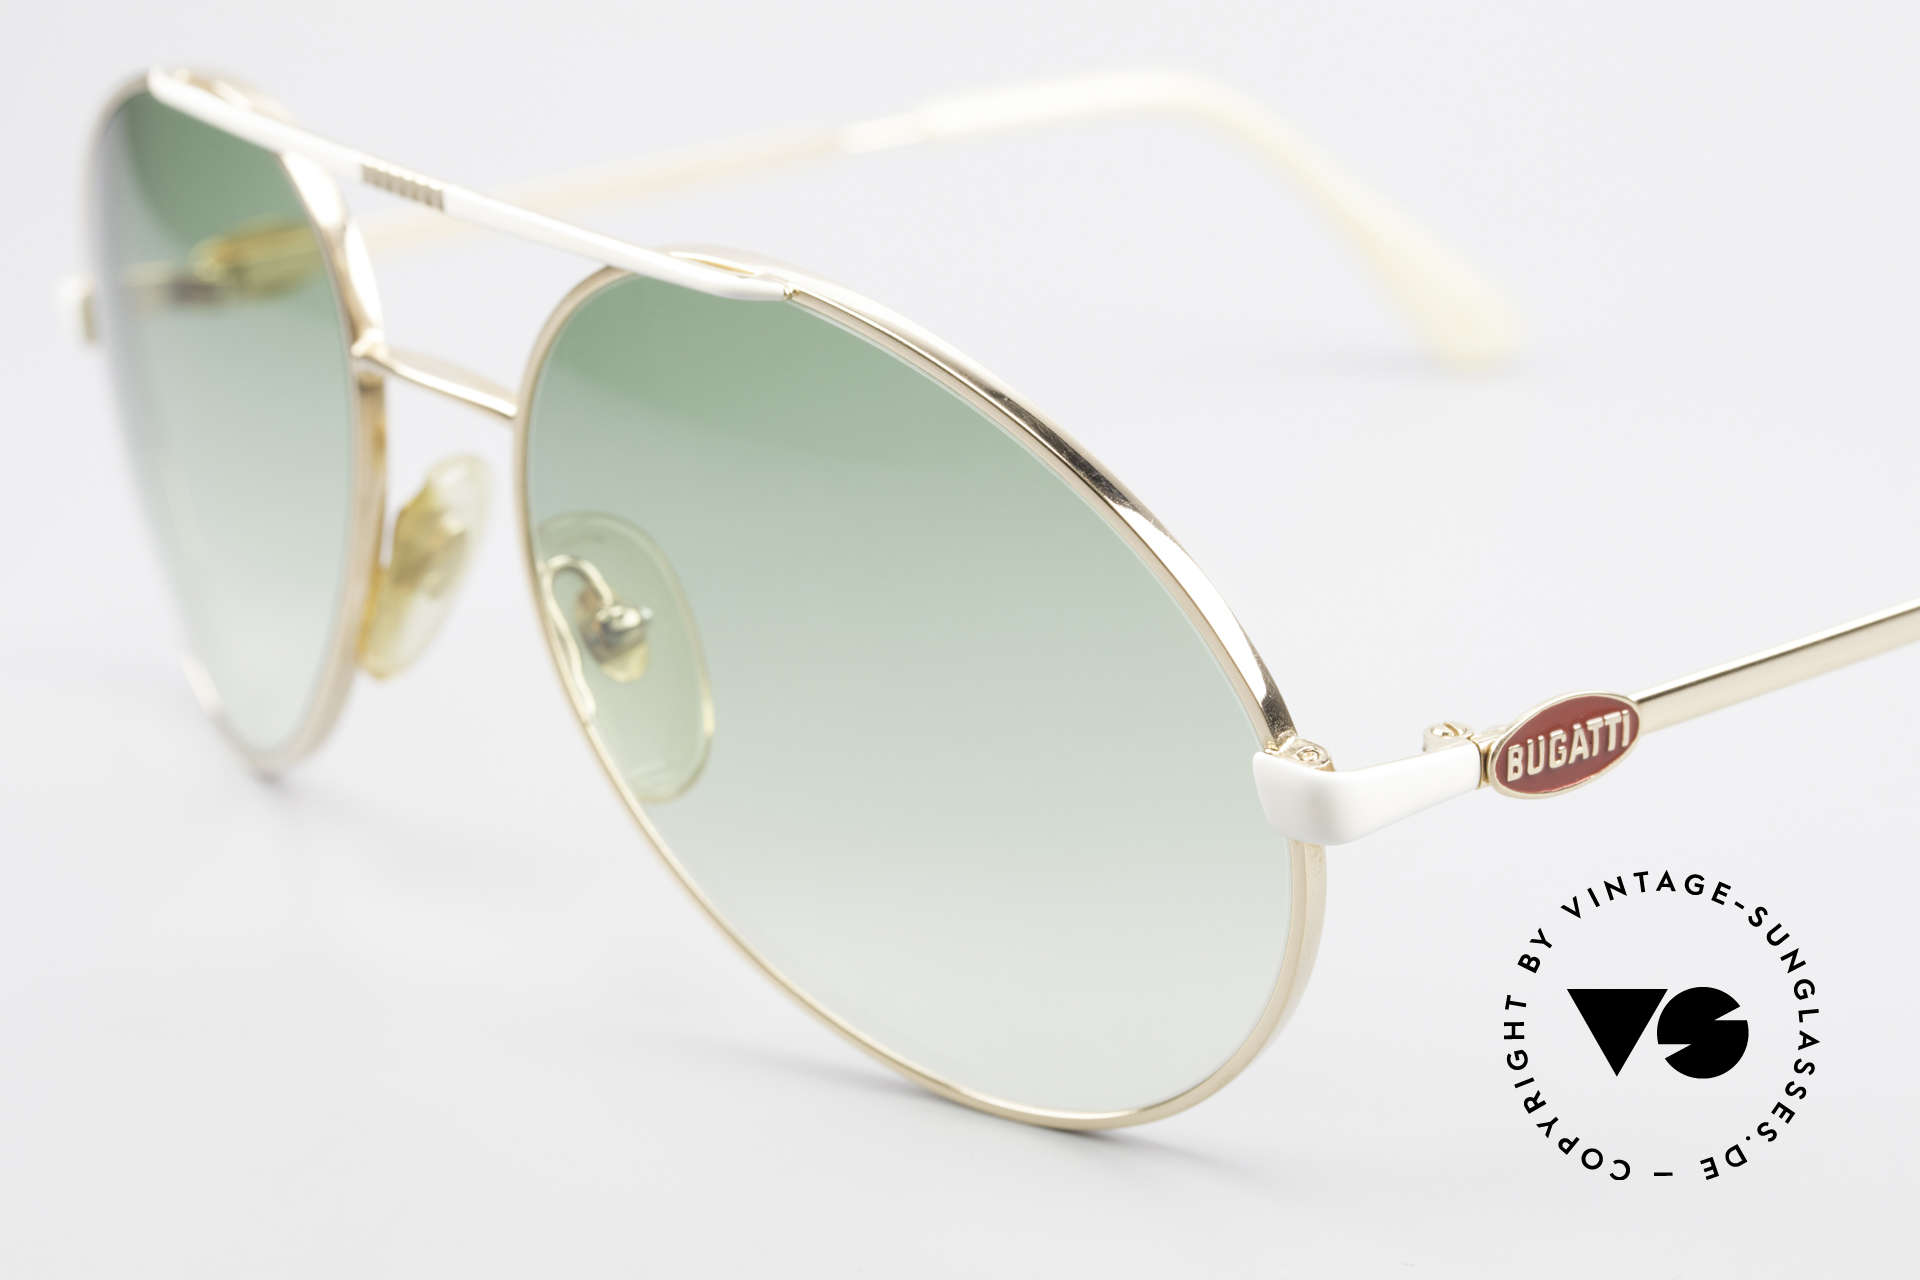 Bugatti 64319 Original 80's Sunglasses Men, rare luxury sunglasses in large size (140mm), Made for Men